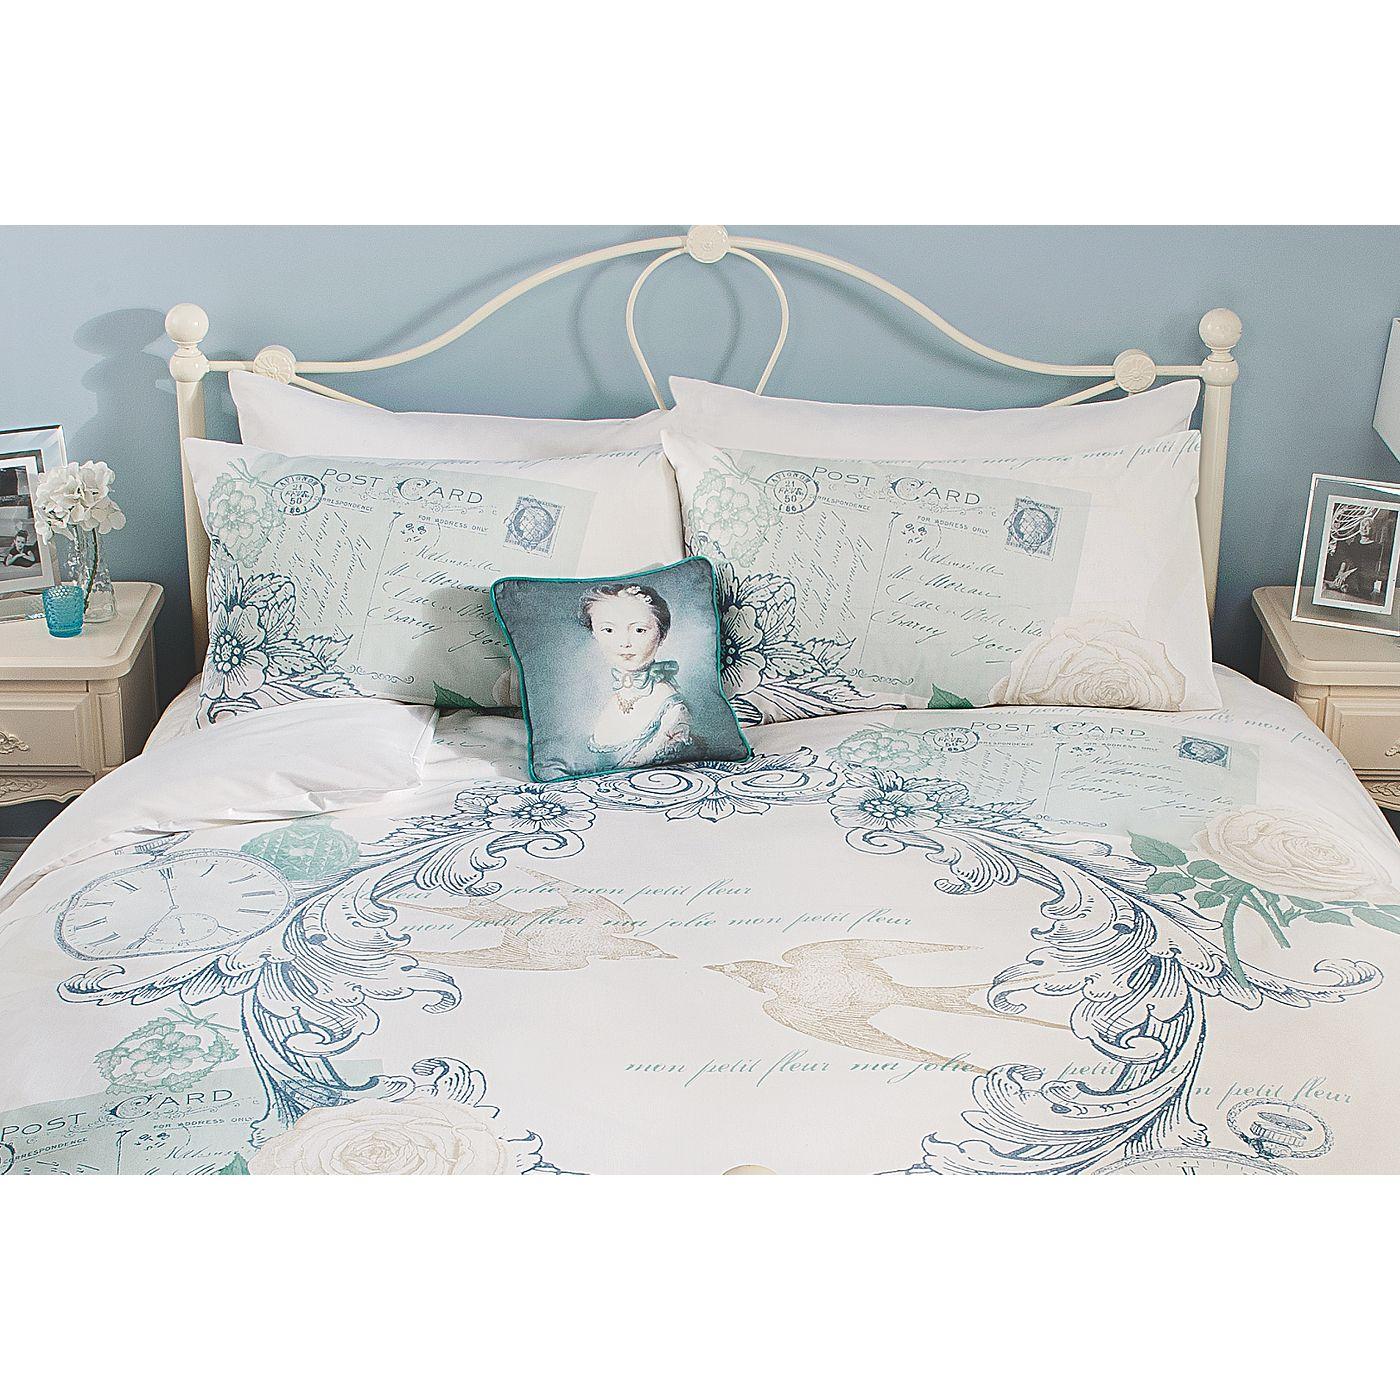 George Home Heirloom Postcard Duvet Set | Bedding | ASDA direct ...